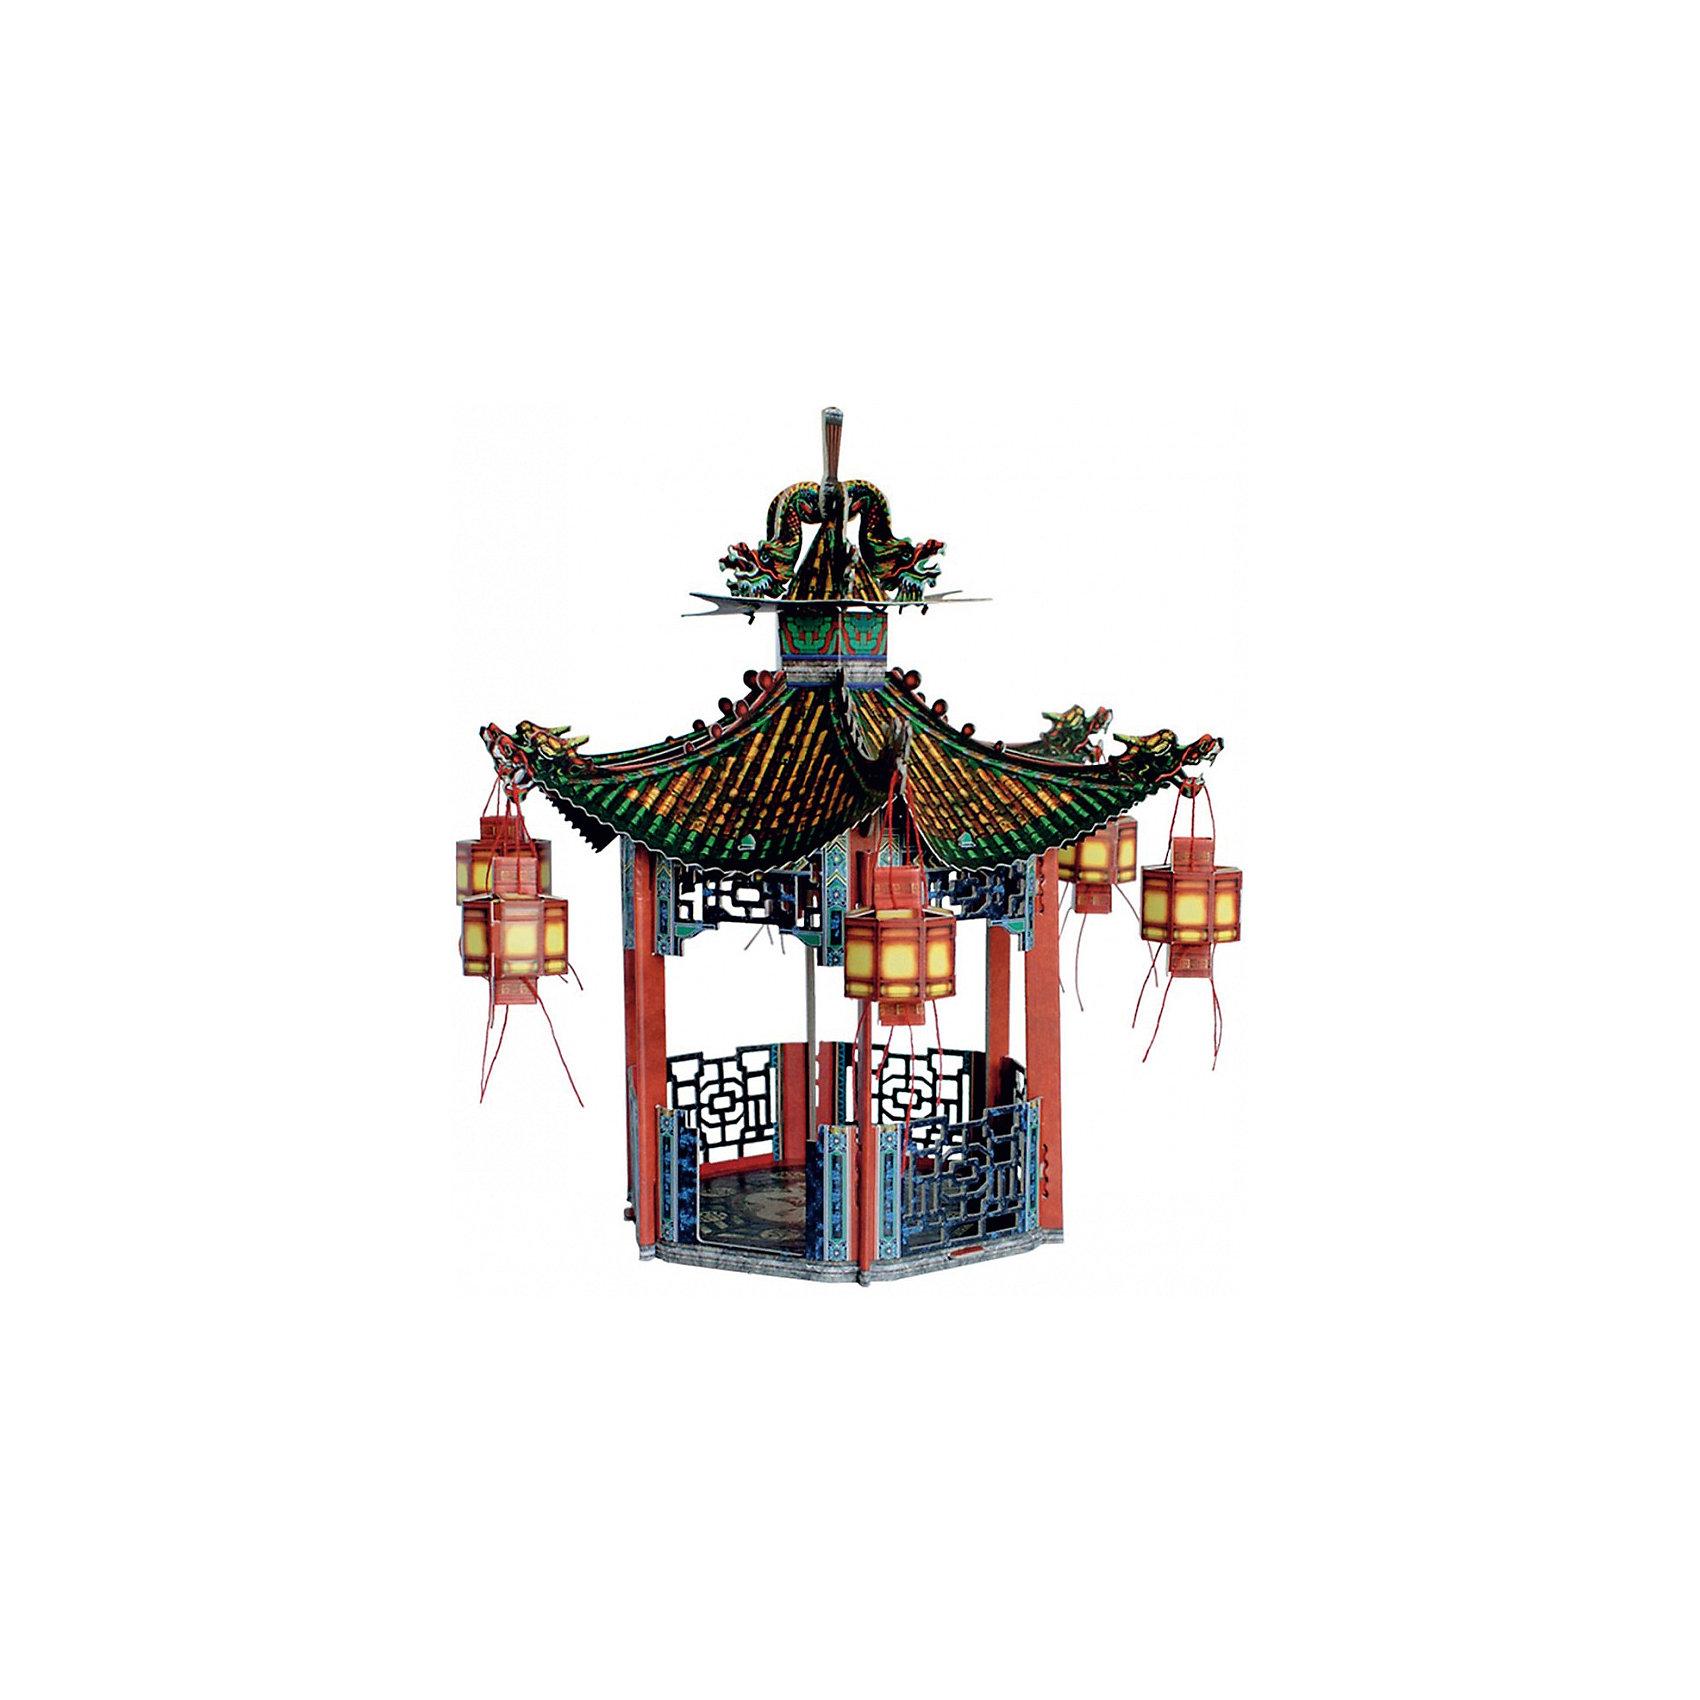 Сборная модель Китайская беседкаМодели из картона и бумаги<br>Китайская беседка - cборная модель из картона. Размер упаковки, мм.:  высота 368 ширина 252 глубина 23. Тип упаковки: Картонная коробка. Вес, гр.: 334. Возраст: от 9 лет. Все модели и игрушки, созданные по технологии УМНАЯ БУМАГА собираются без ножниц и клея, что является их неповторимой особенностью.<br>Принцип соединения деталей запатентован. Соединения деталей продуманы и просчитаны с такой точностью, что при правильной сборке с моделью можно играть, как с обычной игрушкой.<br><br>Ширина мм: 252<br>Глубина мм: 23<br>Высота мм: 368<br>Вес г: 334<br>Возраст от месяцев: 108<br>Возраст до месяцев: 2147483647<br>Пол: Унисекс<br>Возраст: Детский<br>SKU: 4807407